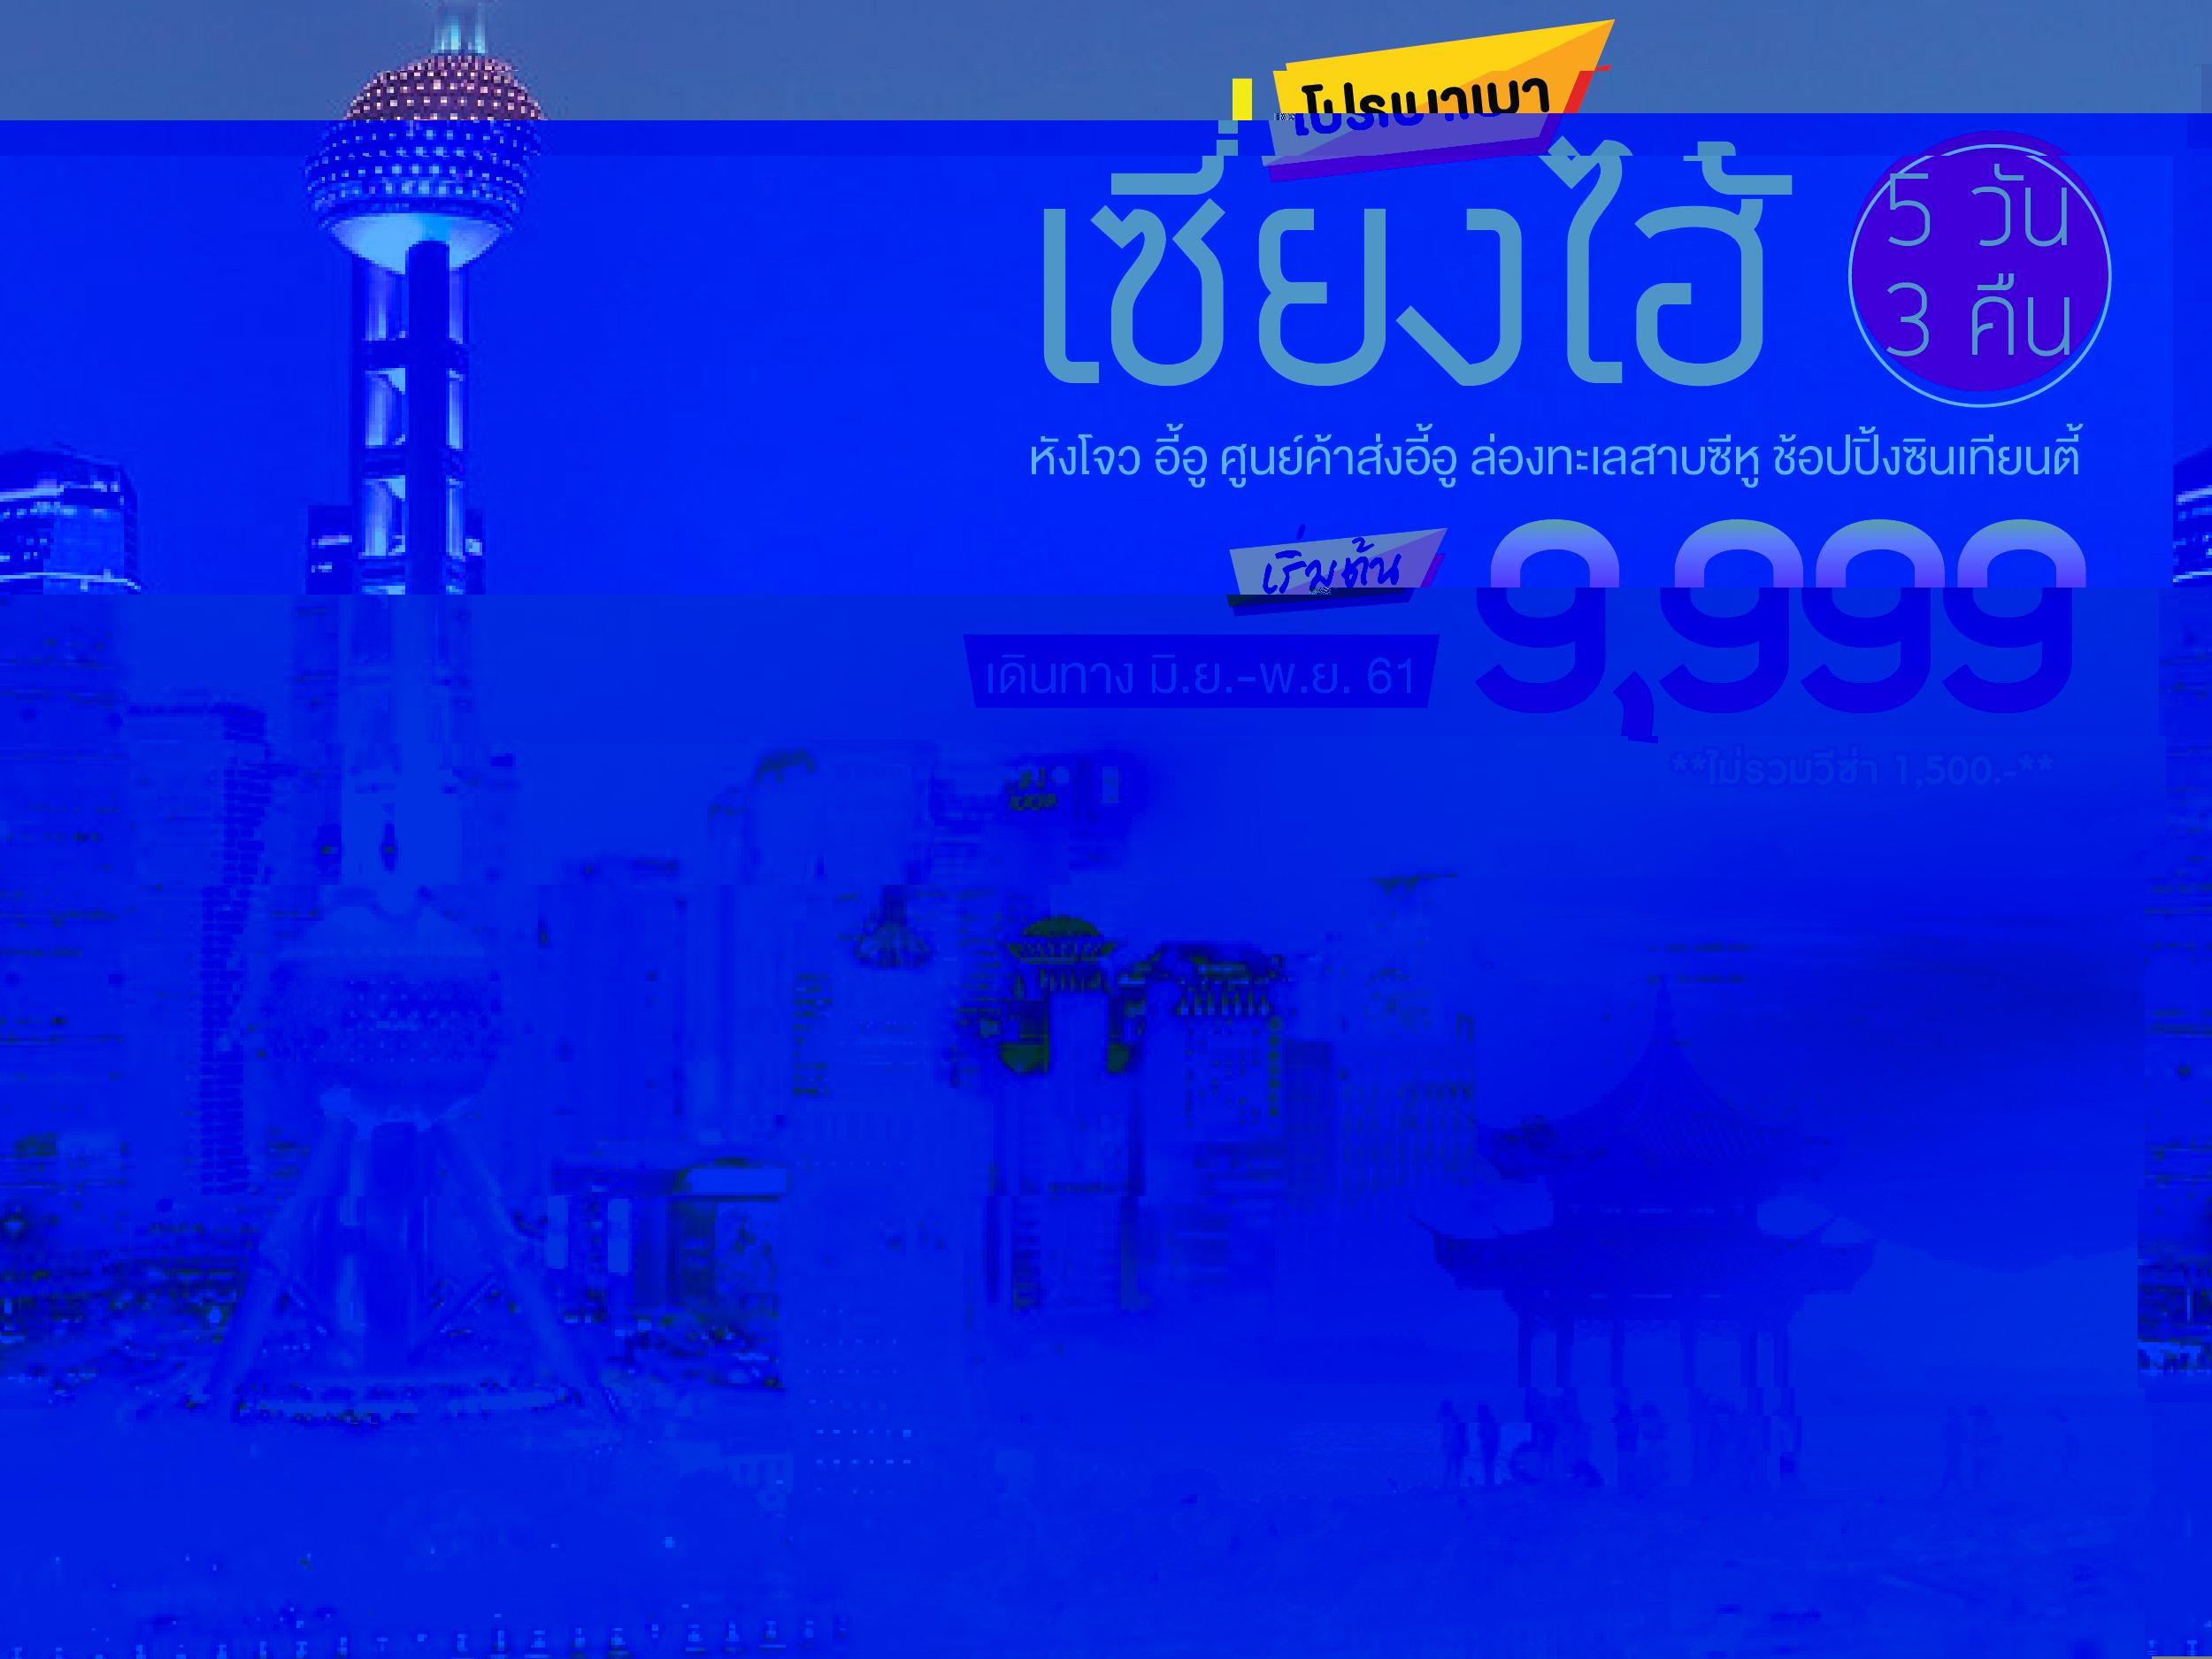 โปรเบาเบา..เซี่ยงไฮ้ หังโจว อี้อู 5 วัน 3 คืน